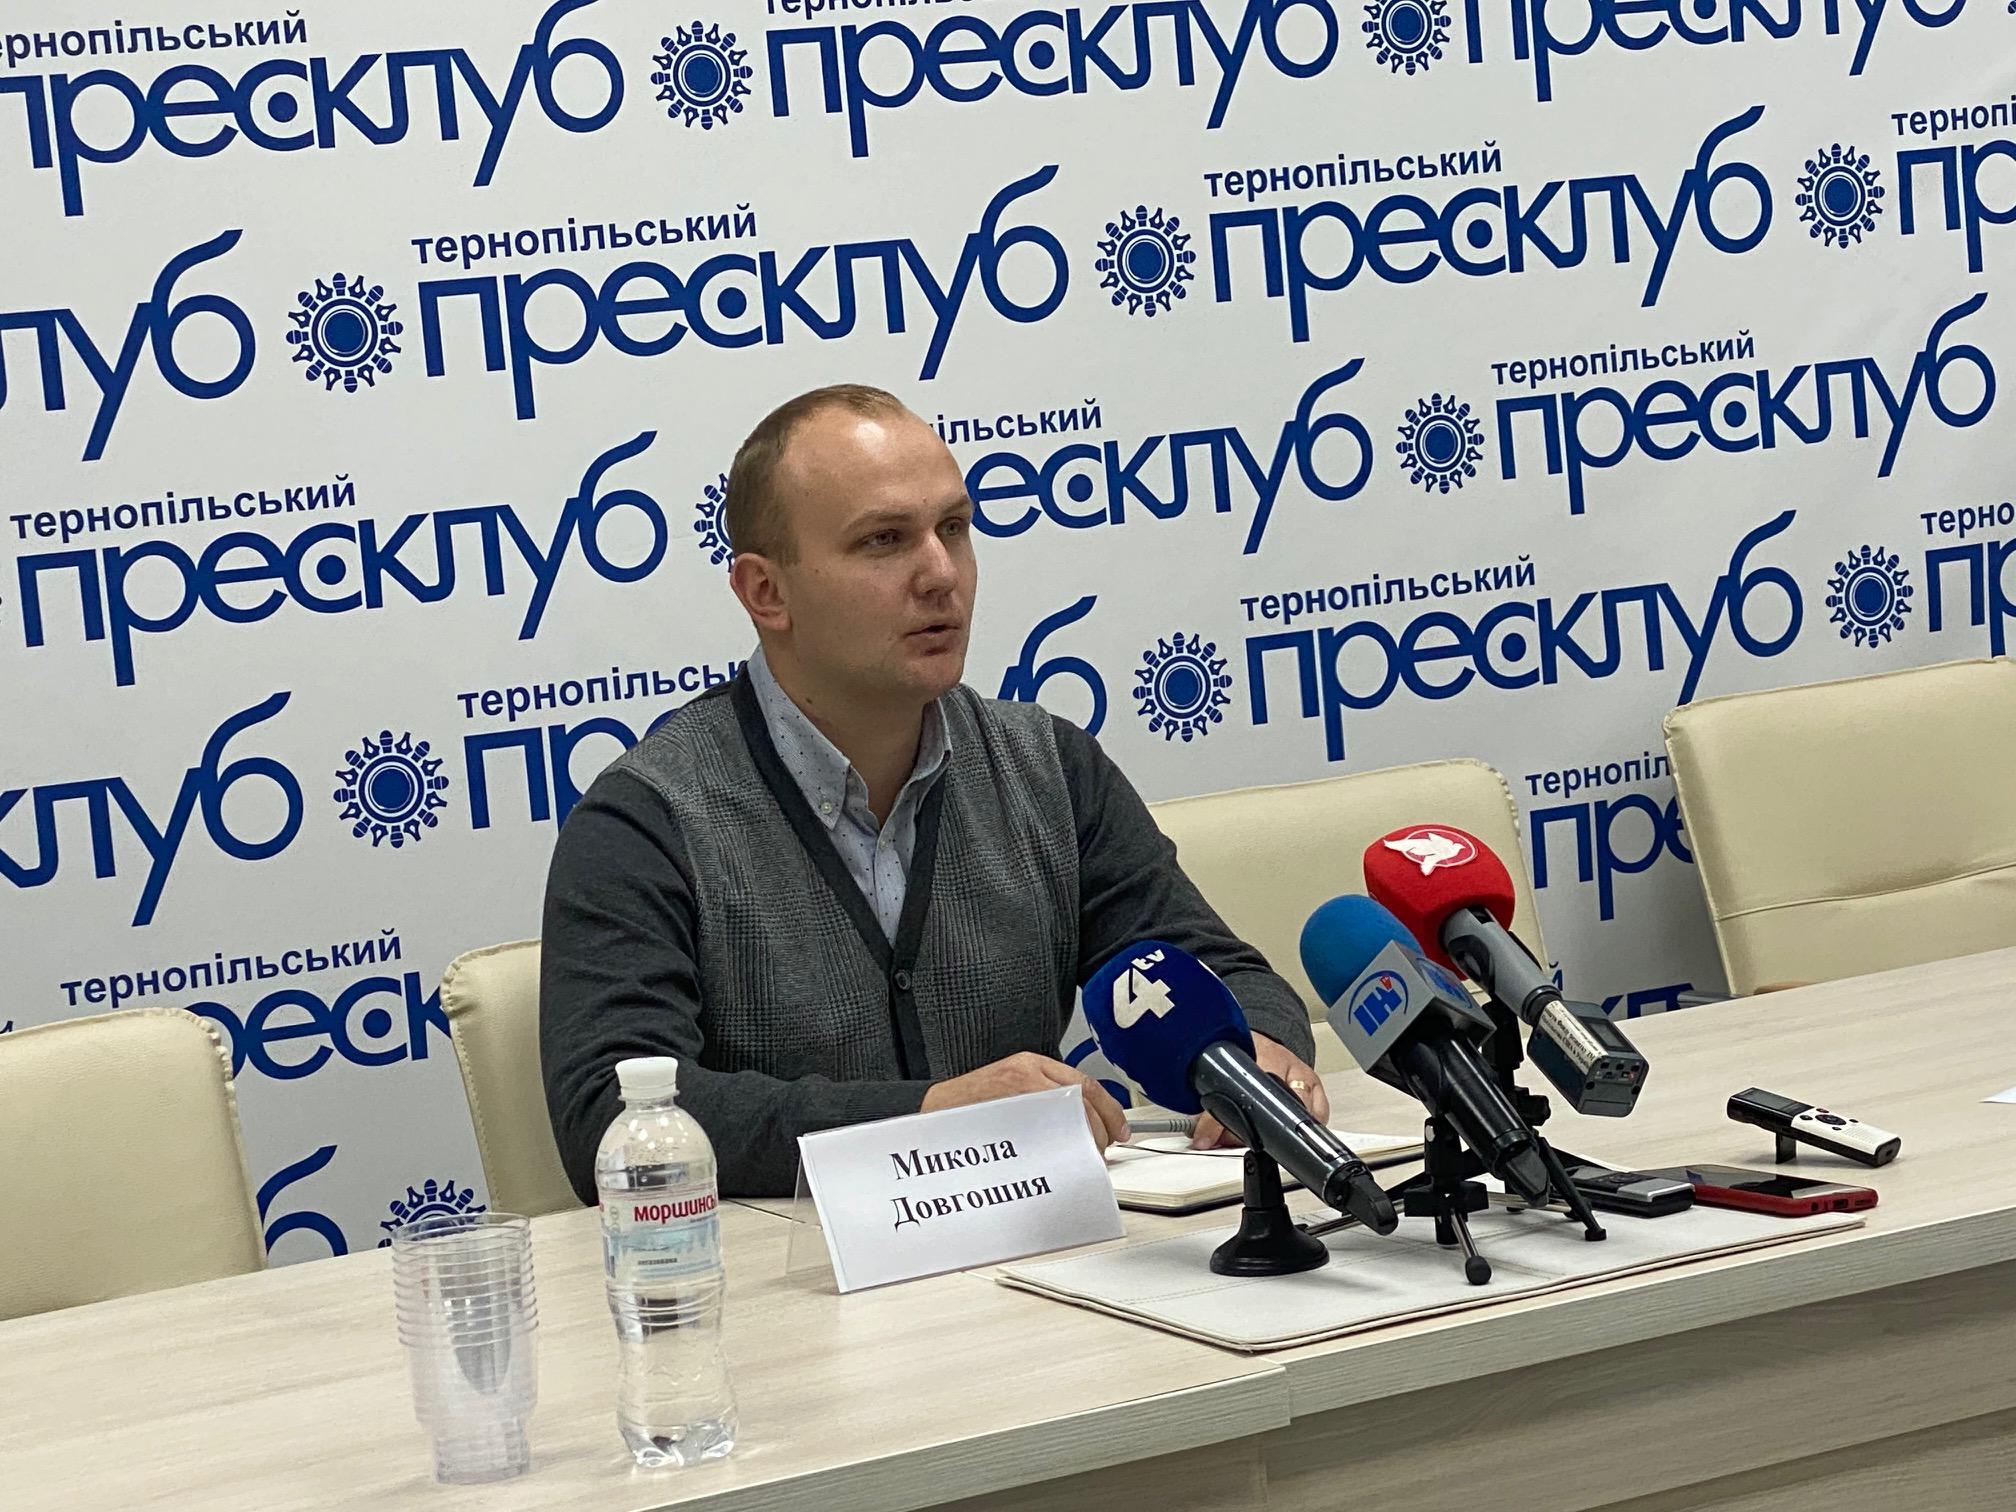 Пресконференція щодо ситуації з ремонтом доріг на Тернопільщині